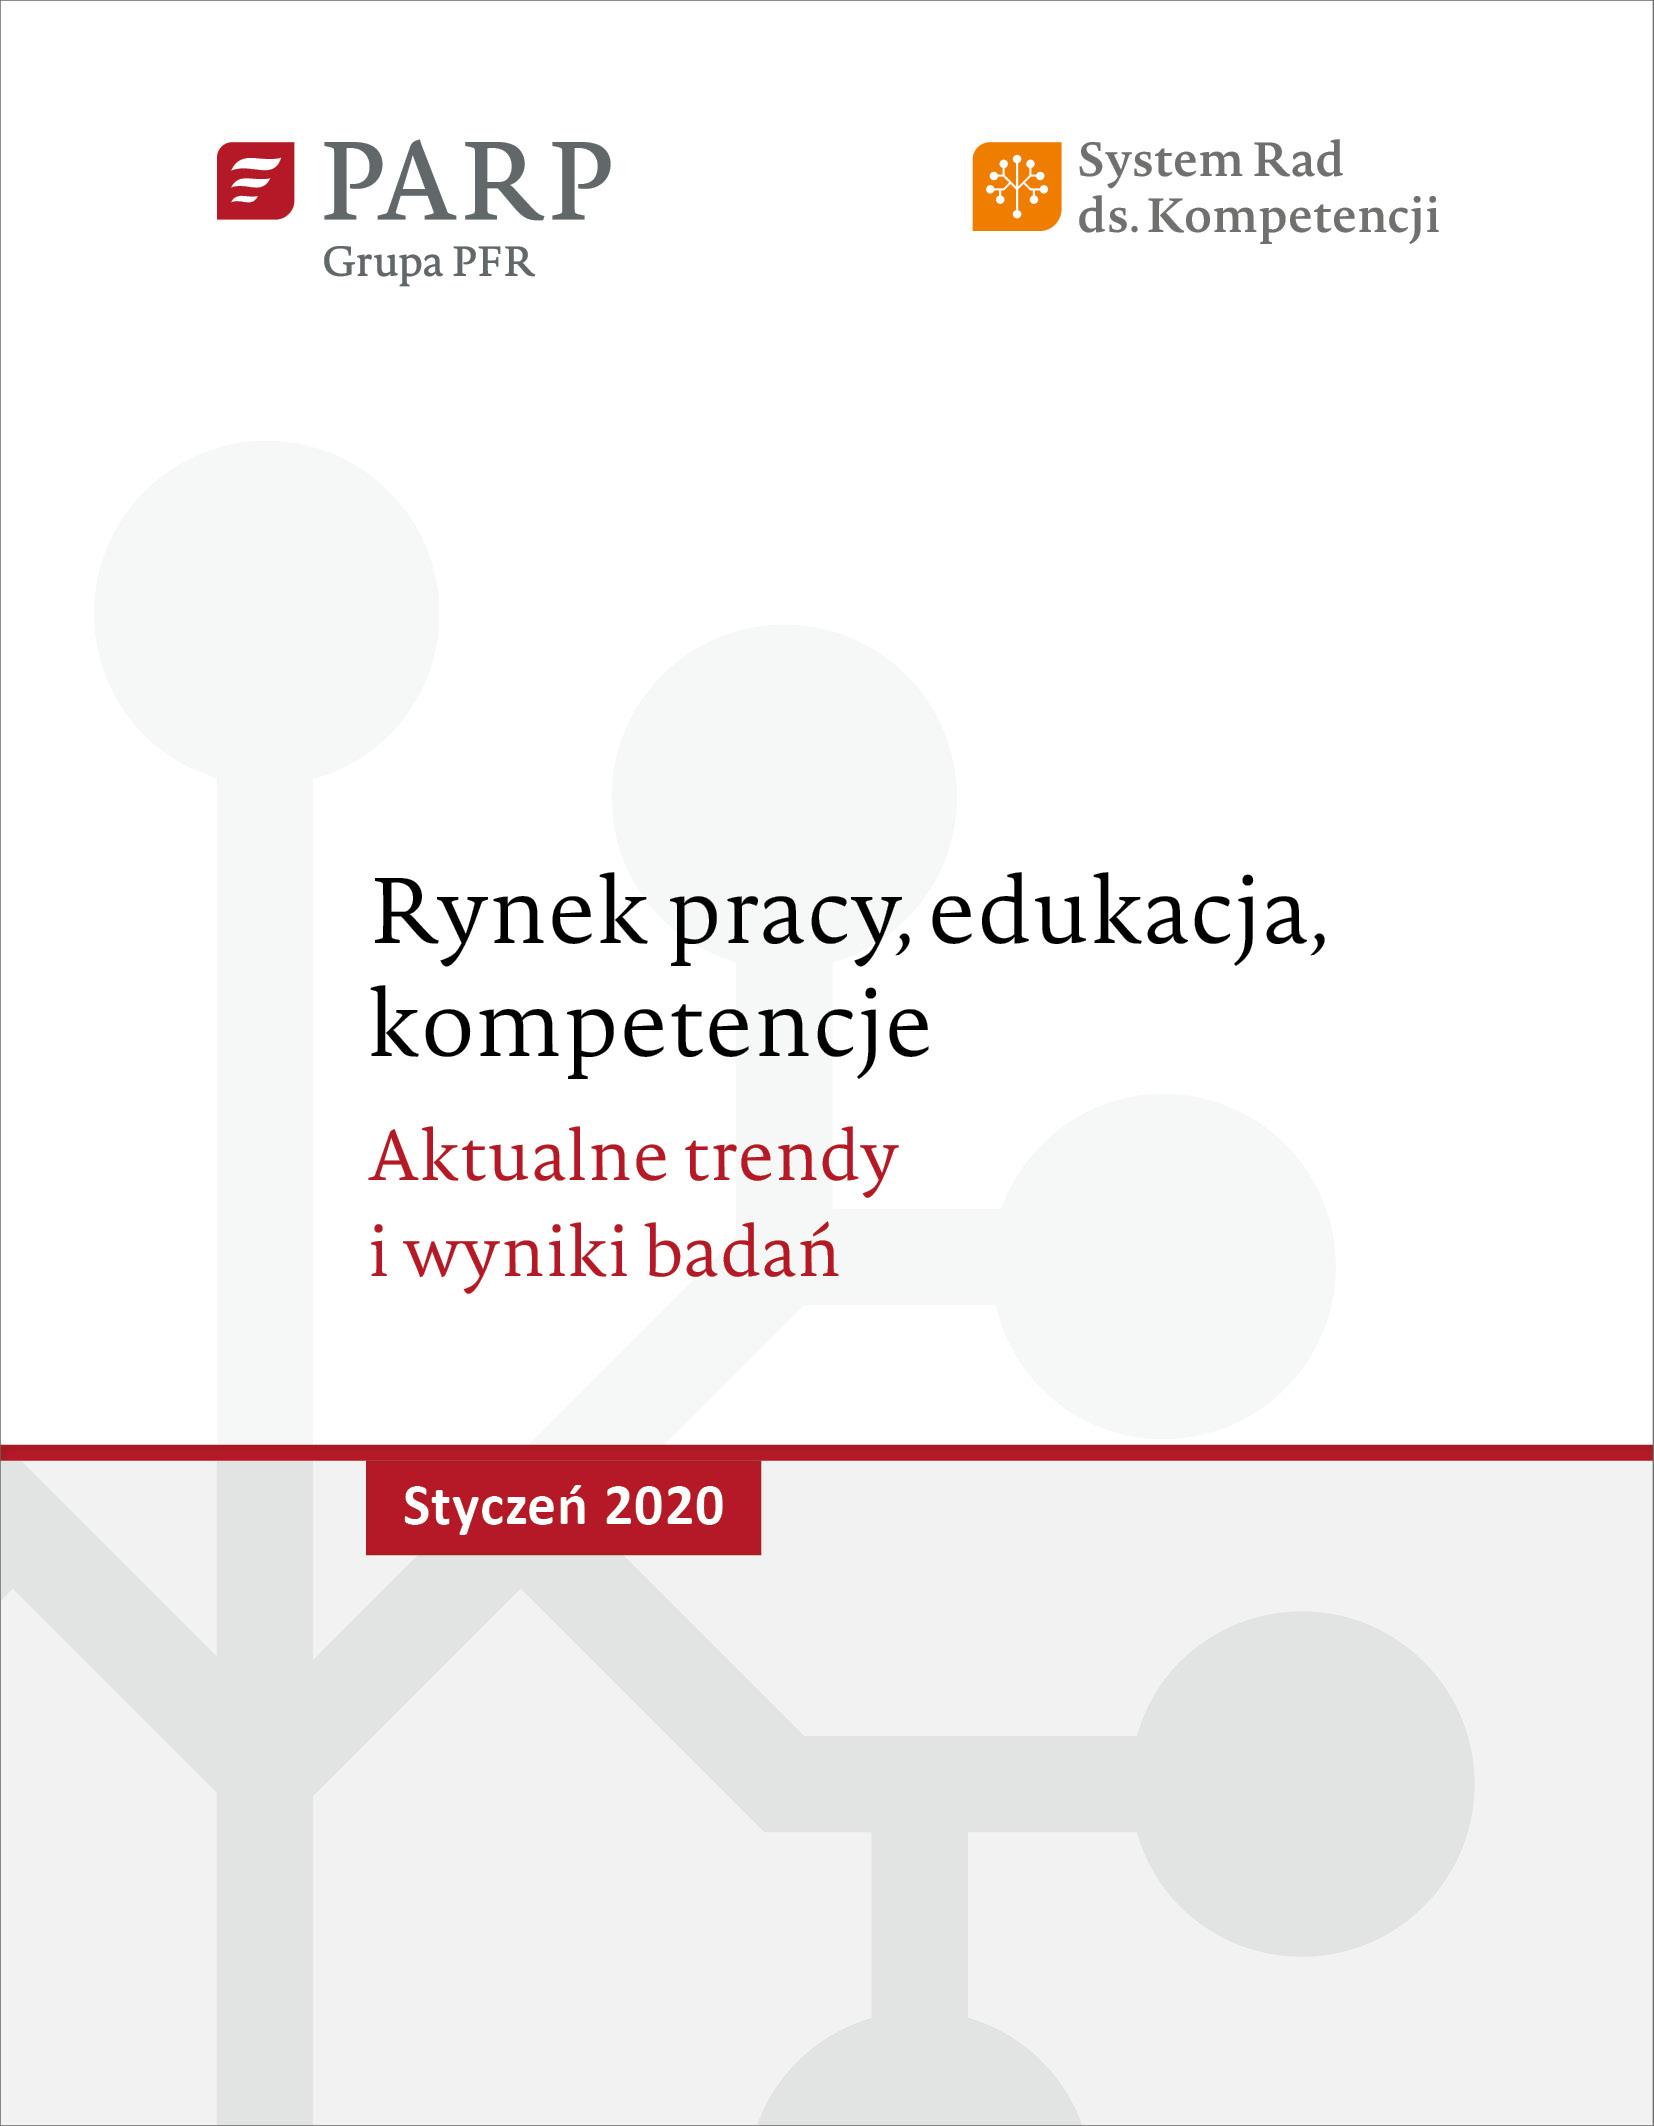 Rynek pracy, edukacja, kompetencje - styczeń 2020